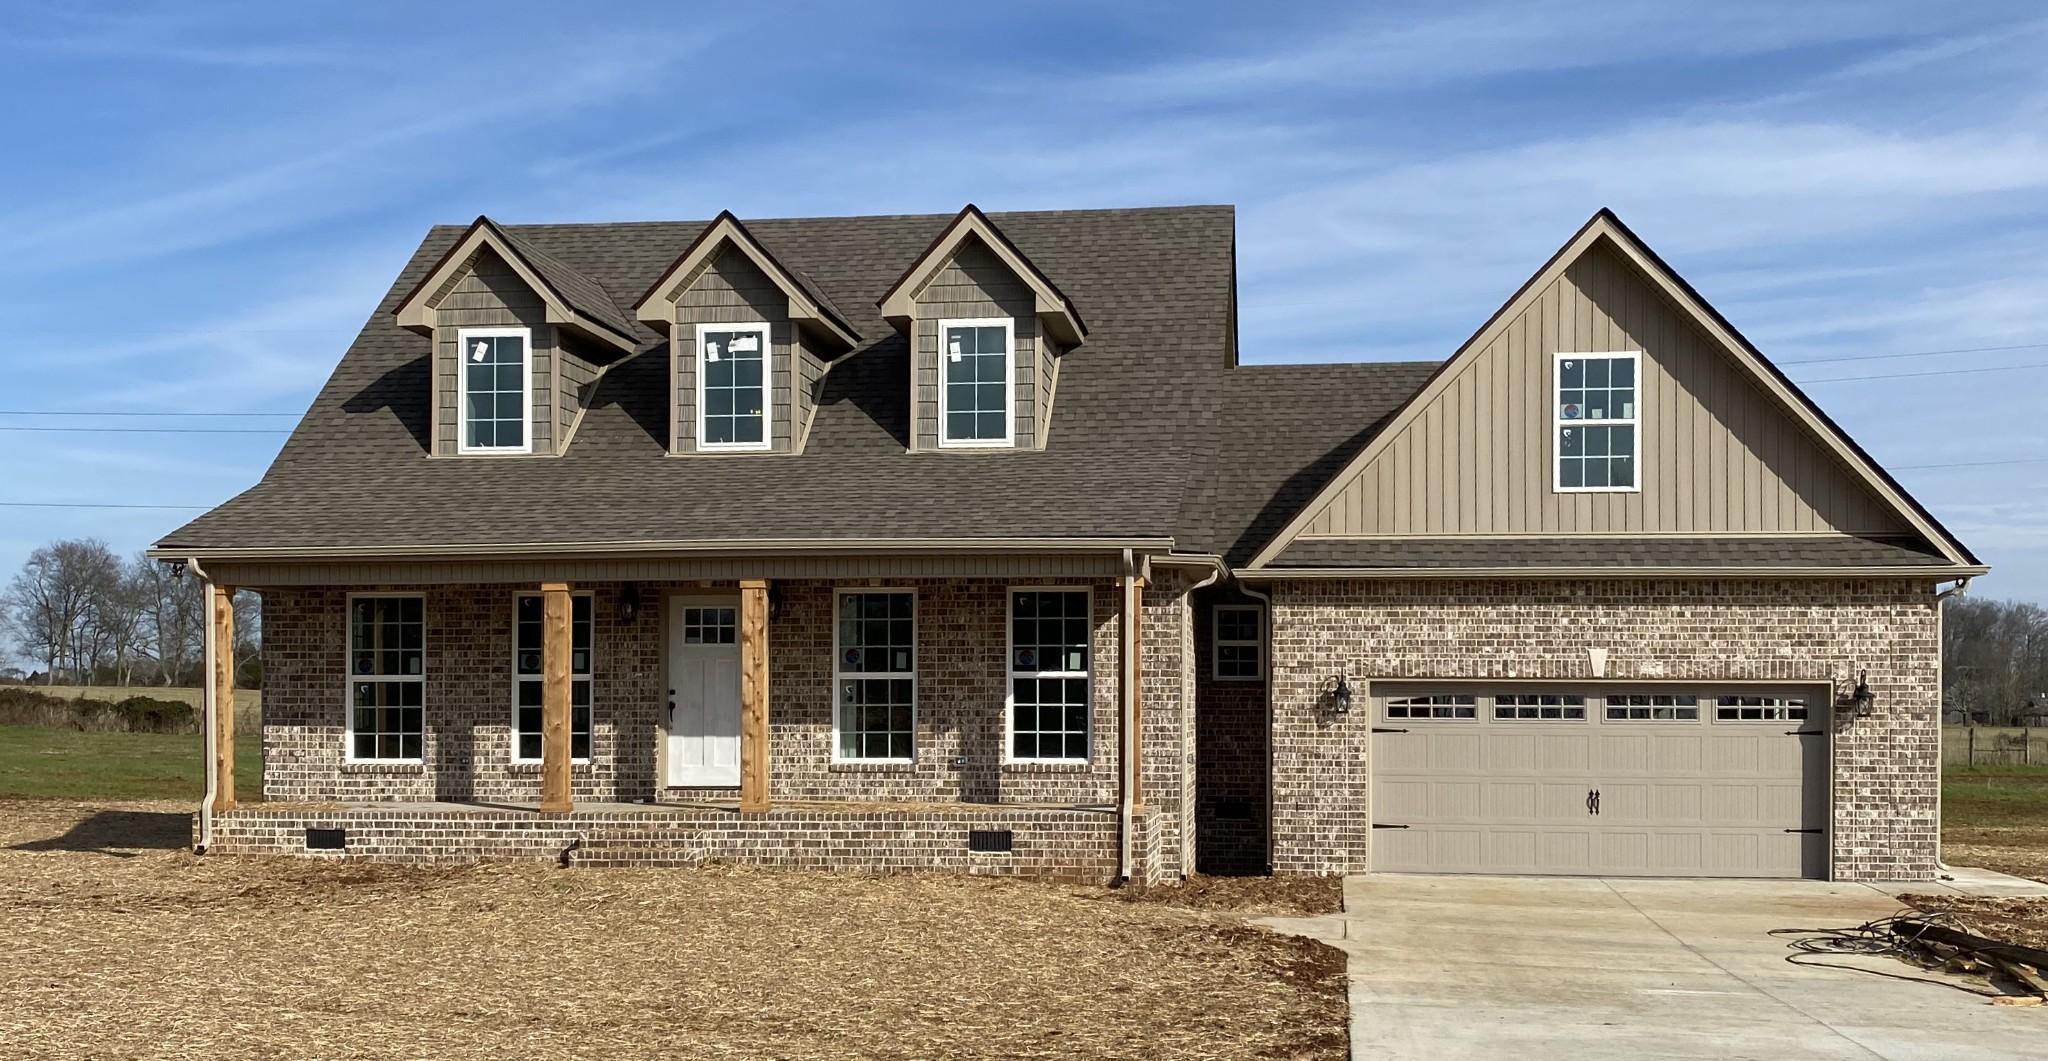 109 Northside Ln, Unionville, TN 37180 - Unionville, TN real estate listing